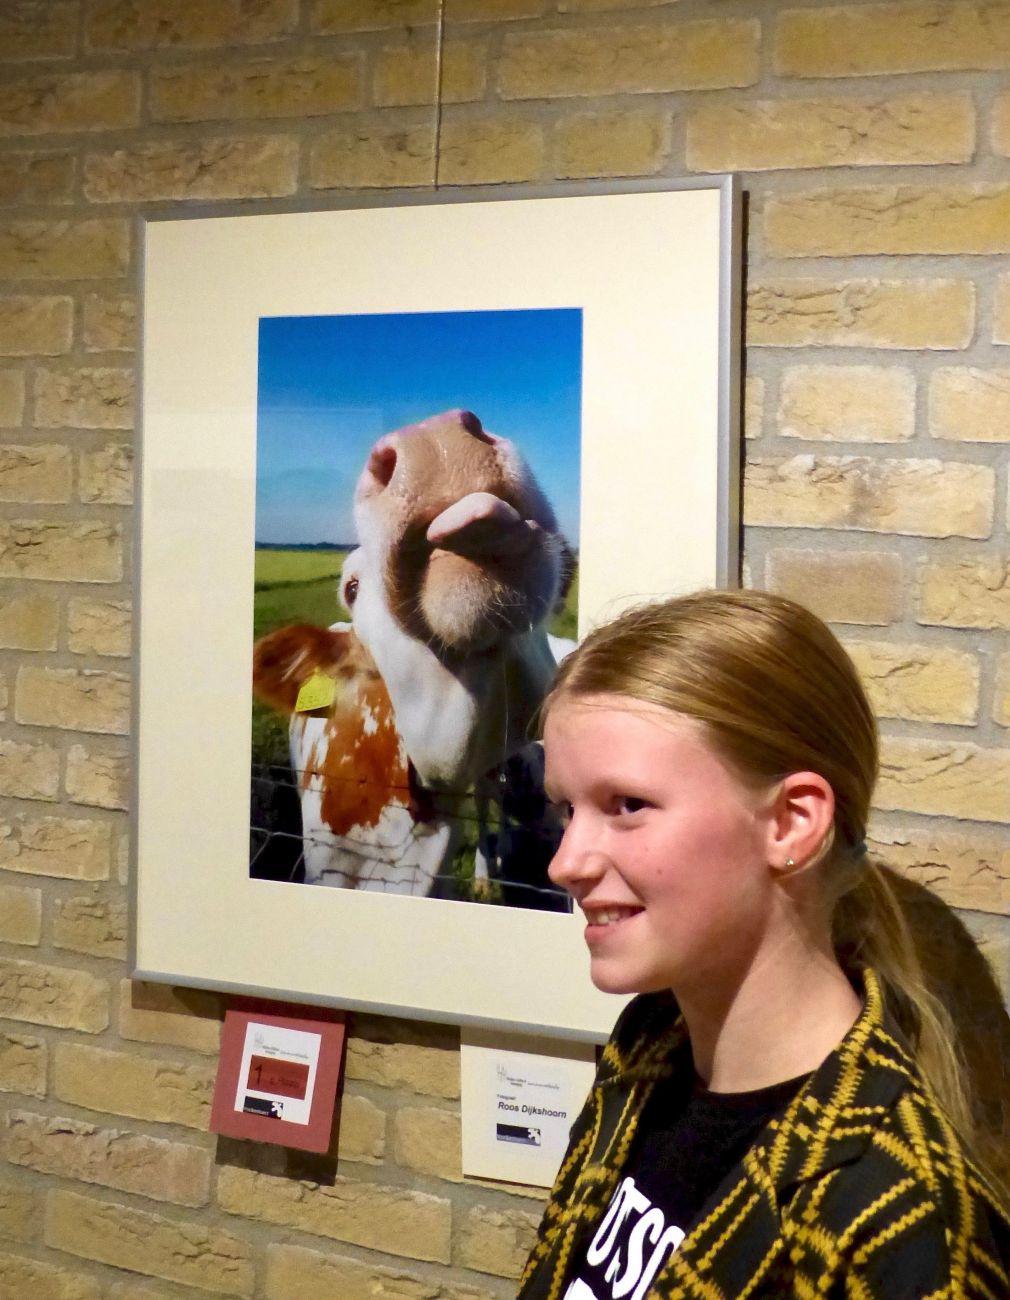 Roos wint fotowedstrijd over stilte naast de stad